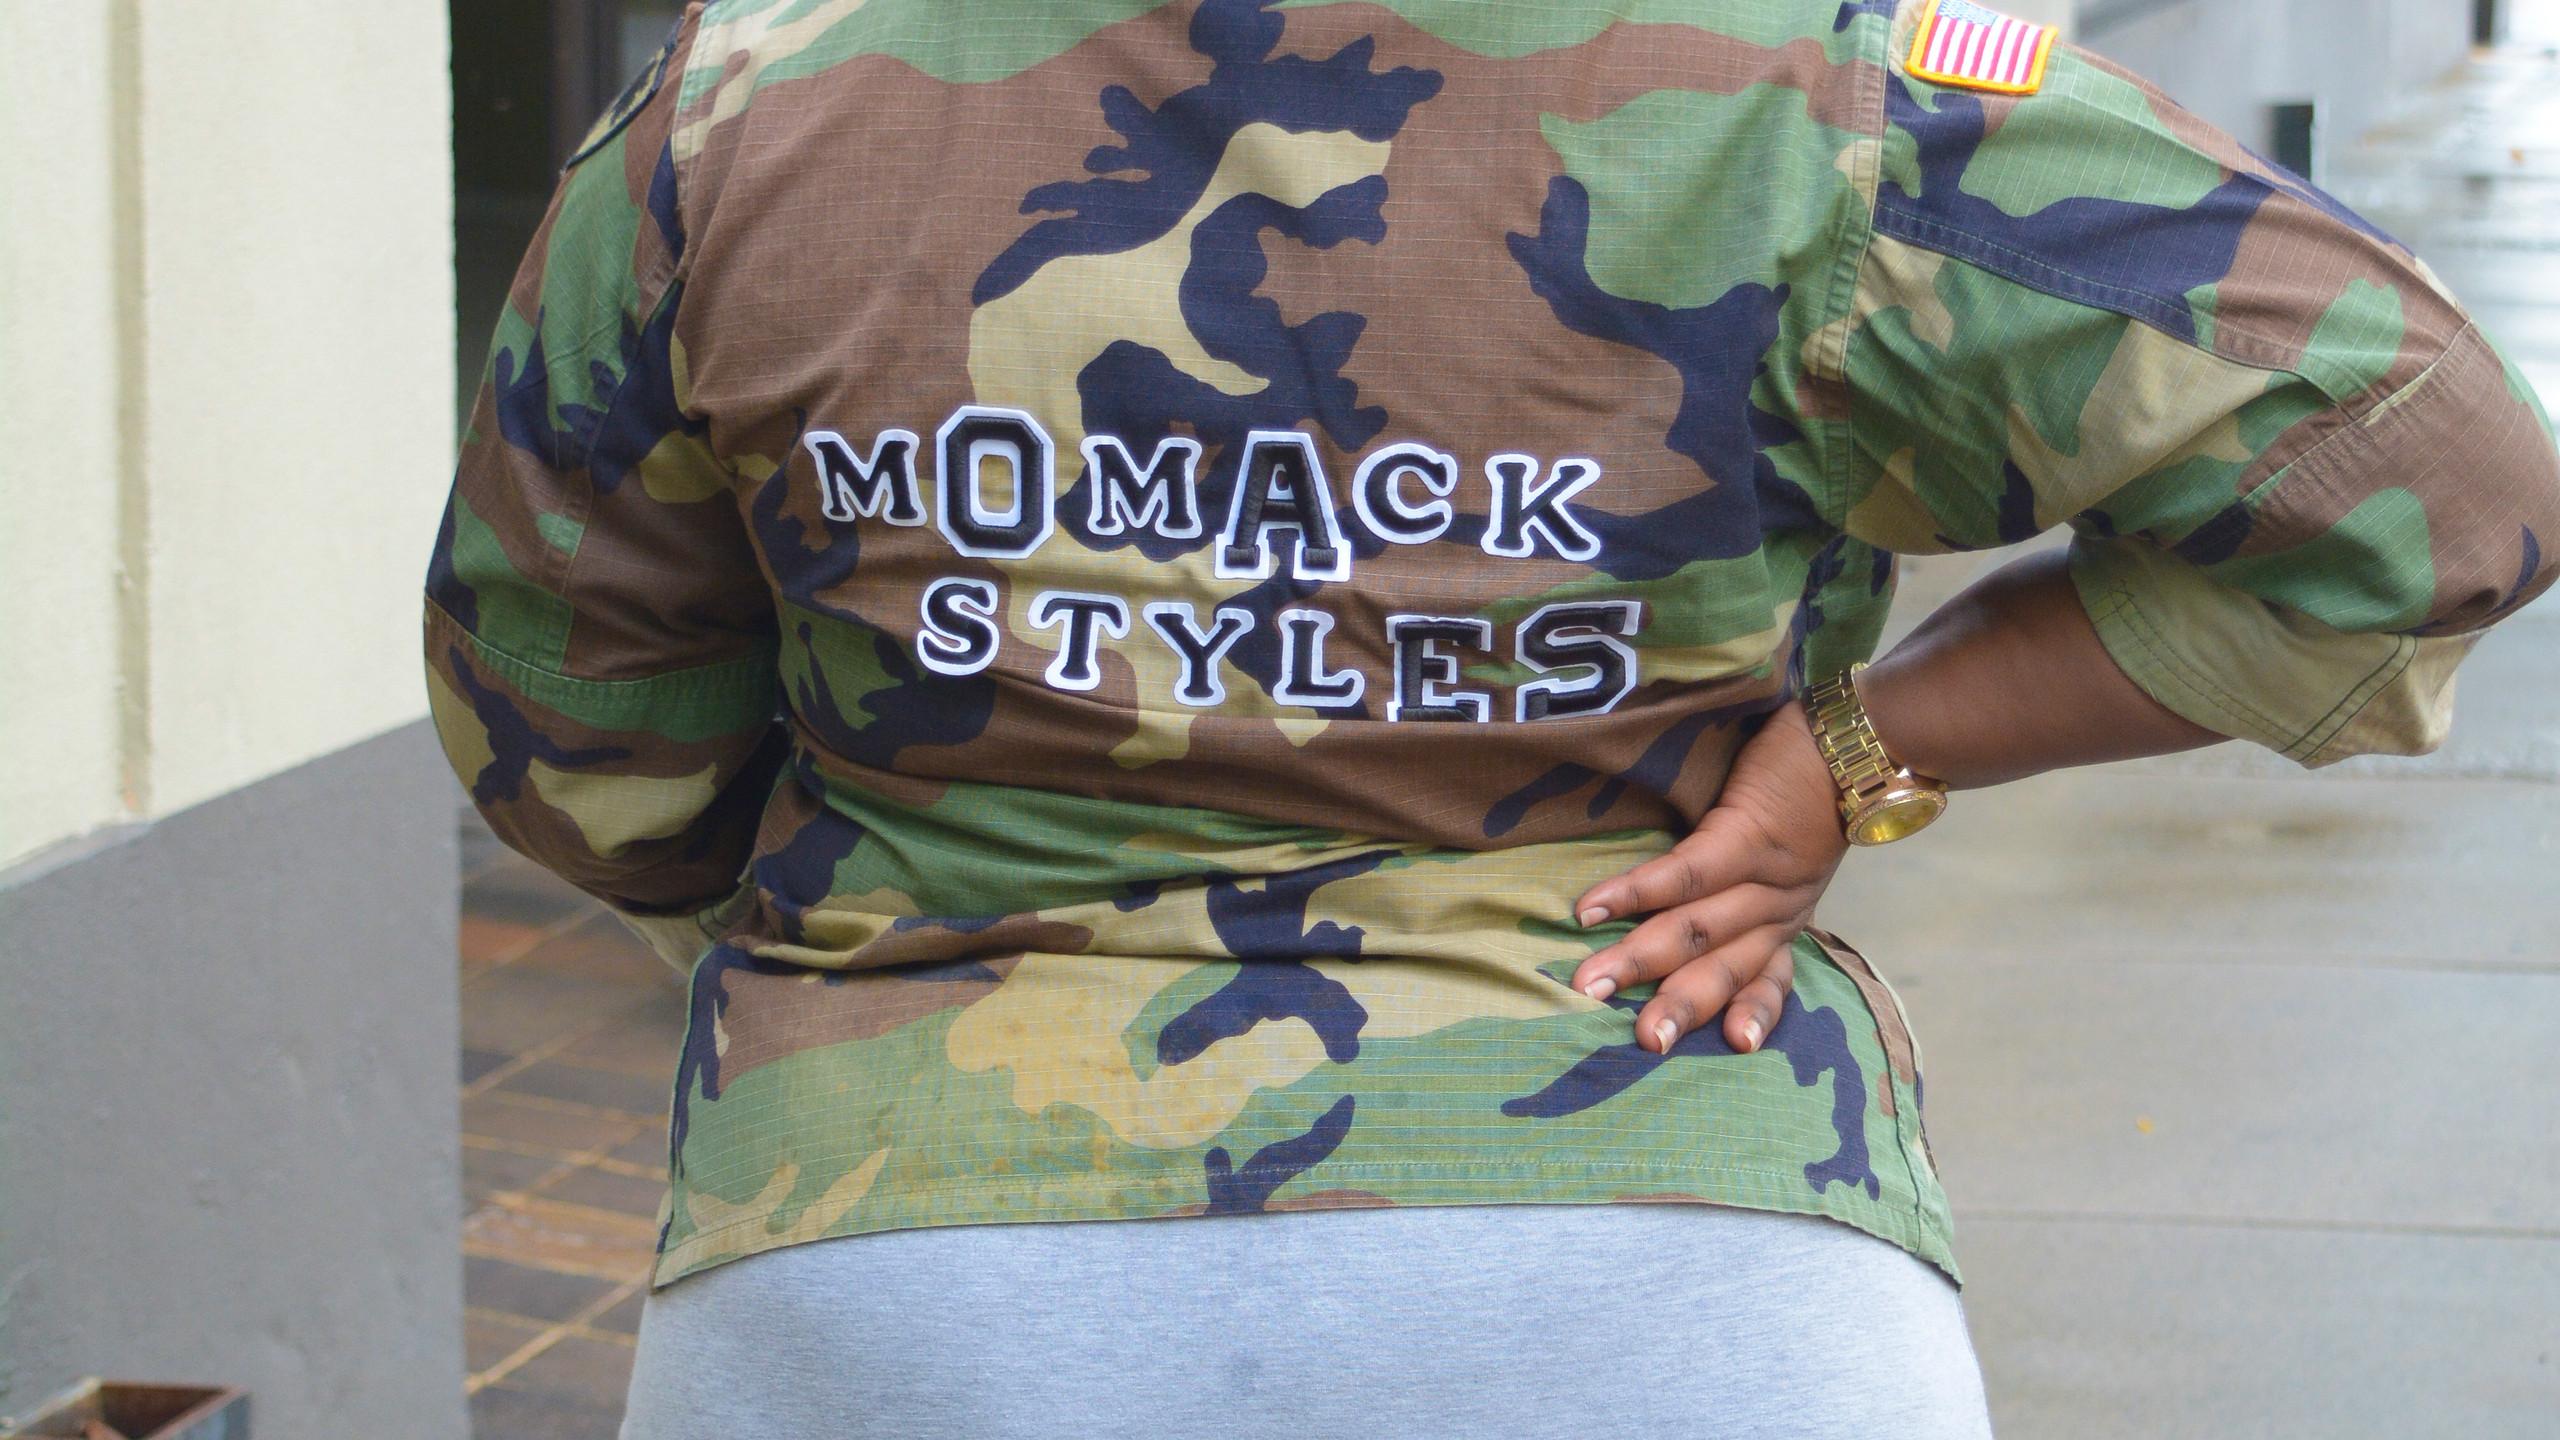 MOMACK1_81